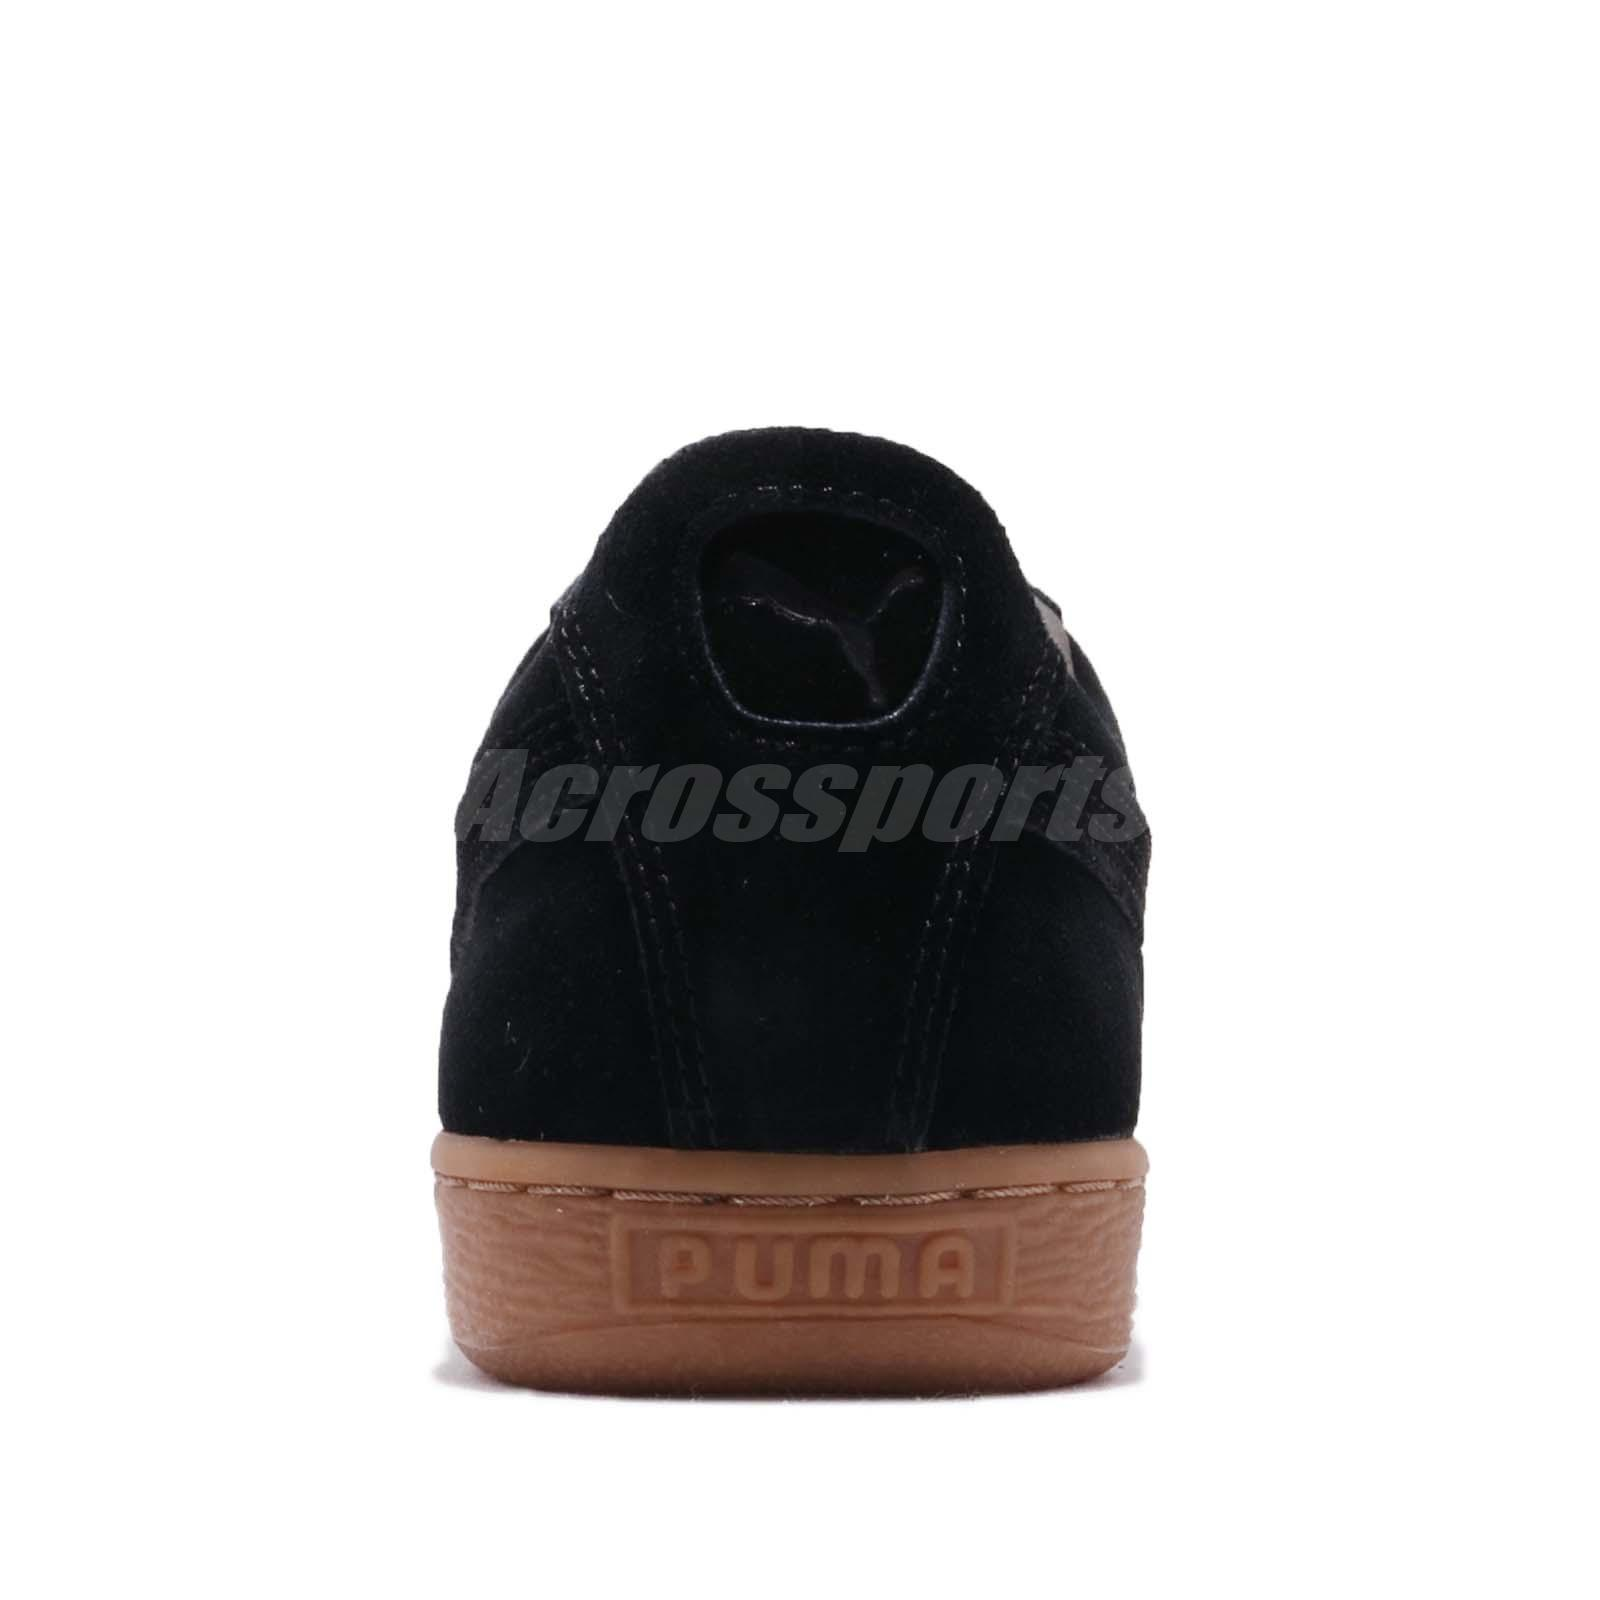 Detalles acerca de Puma Gamuza Clásico pincord Negro Goma Hombres Mujeres Informal Zapatos Tenis 366235 01 mostrar título original